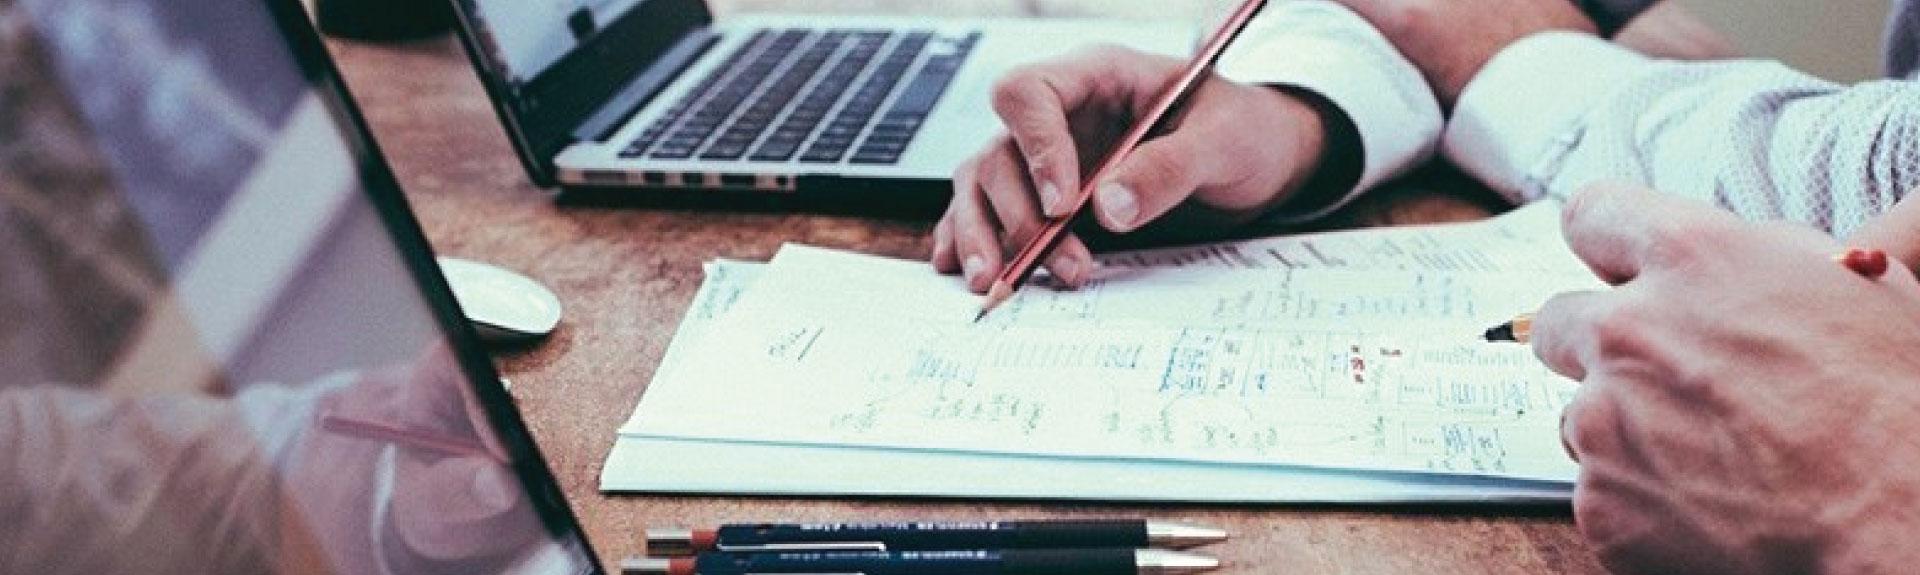 Le nuove regole dell'imprenditoria innovativa